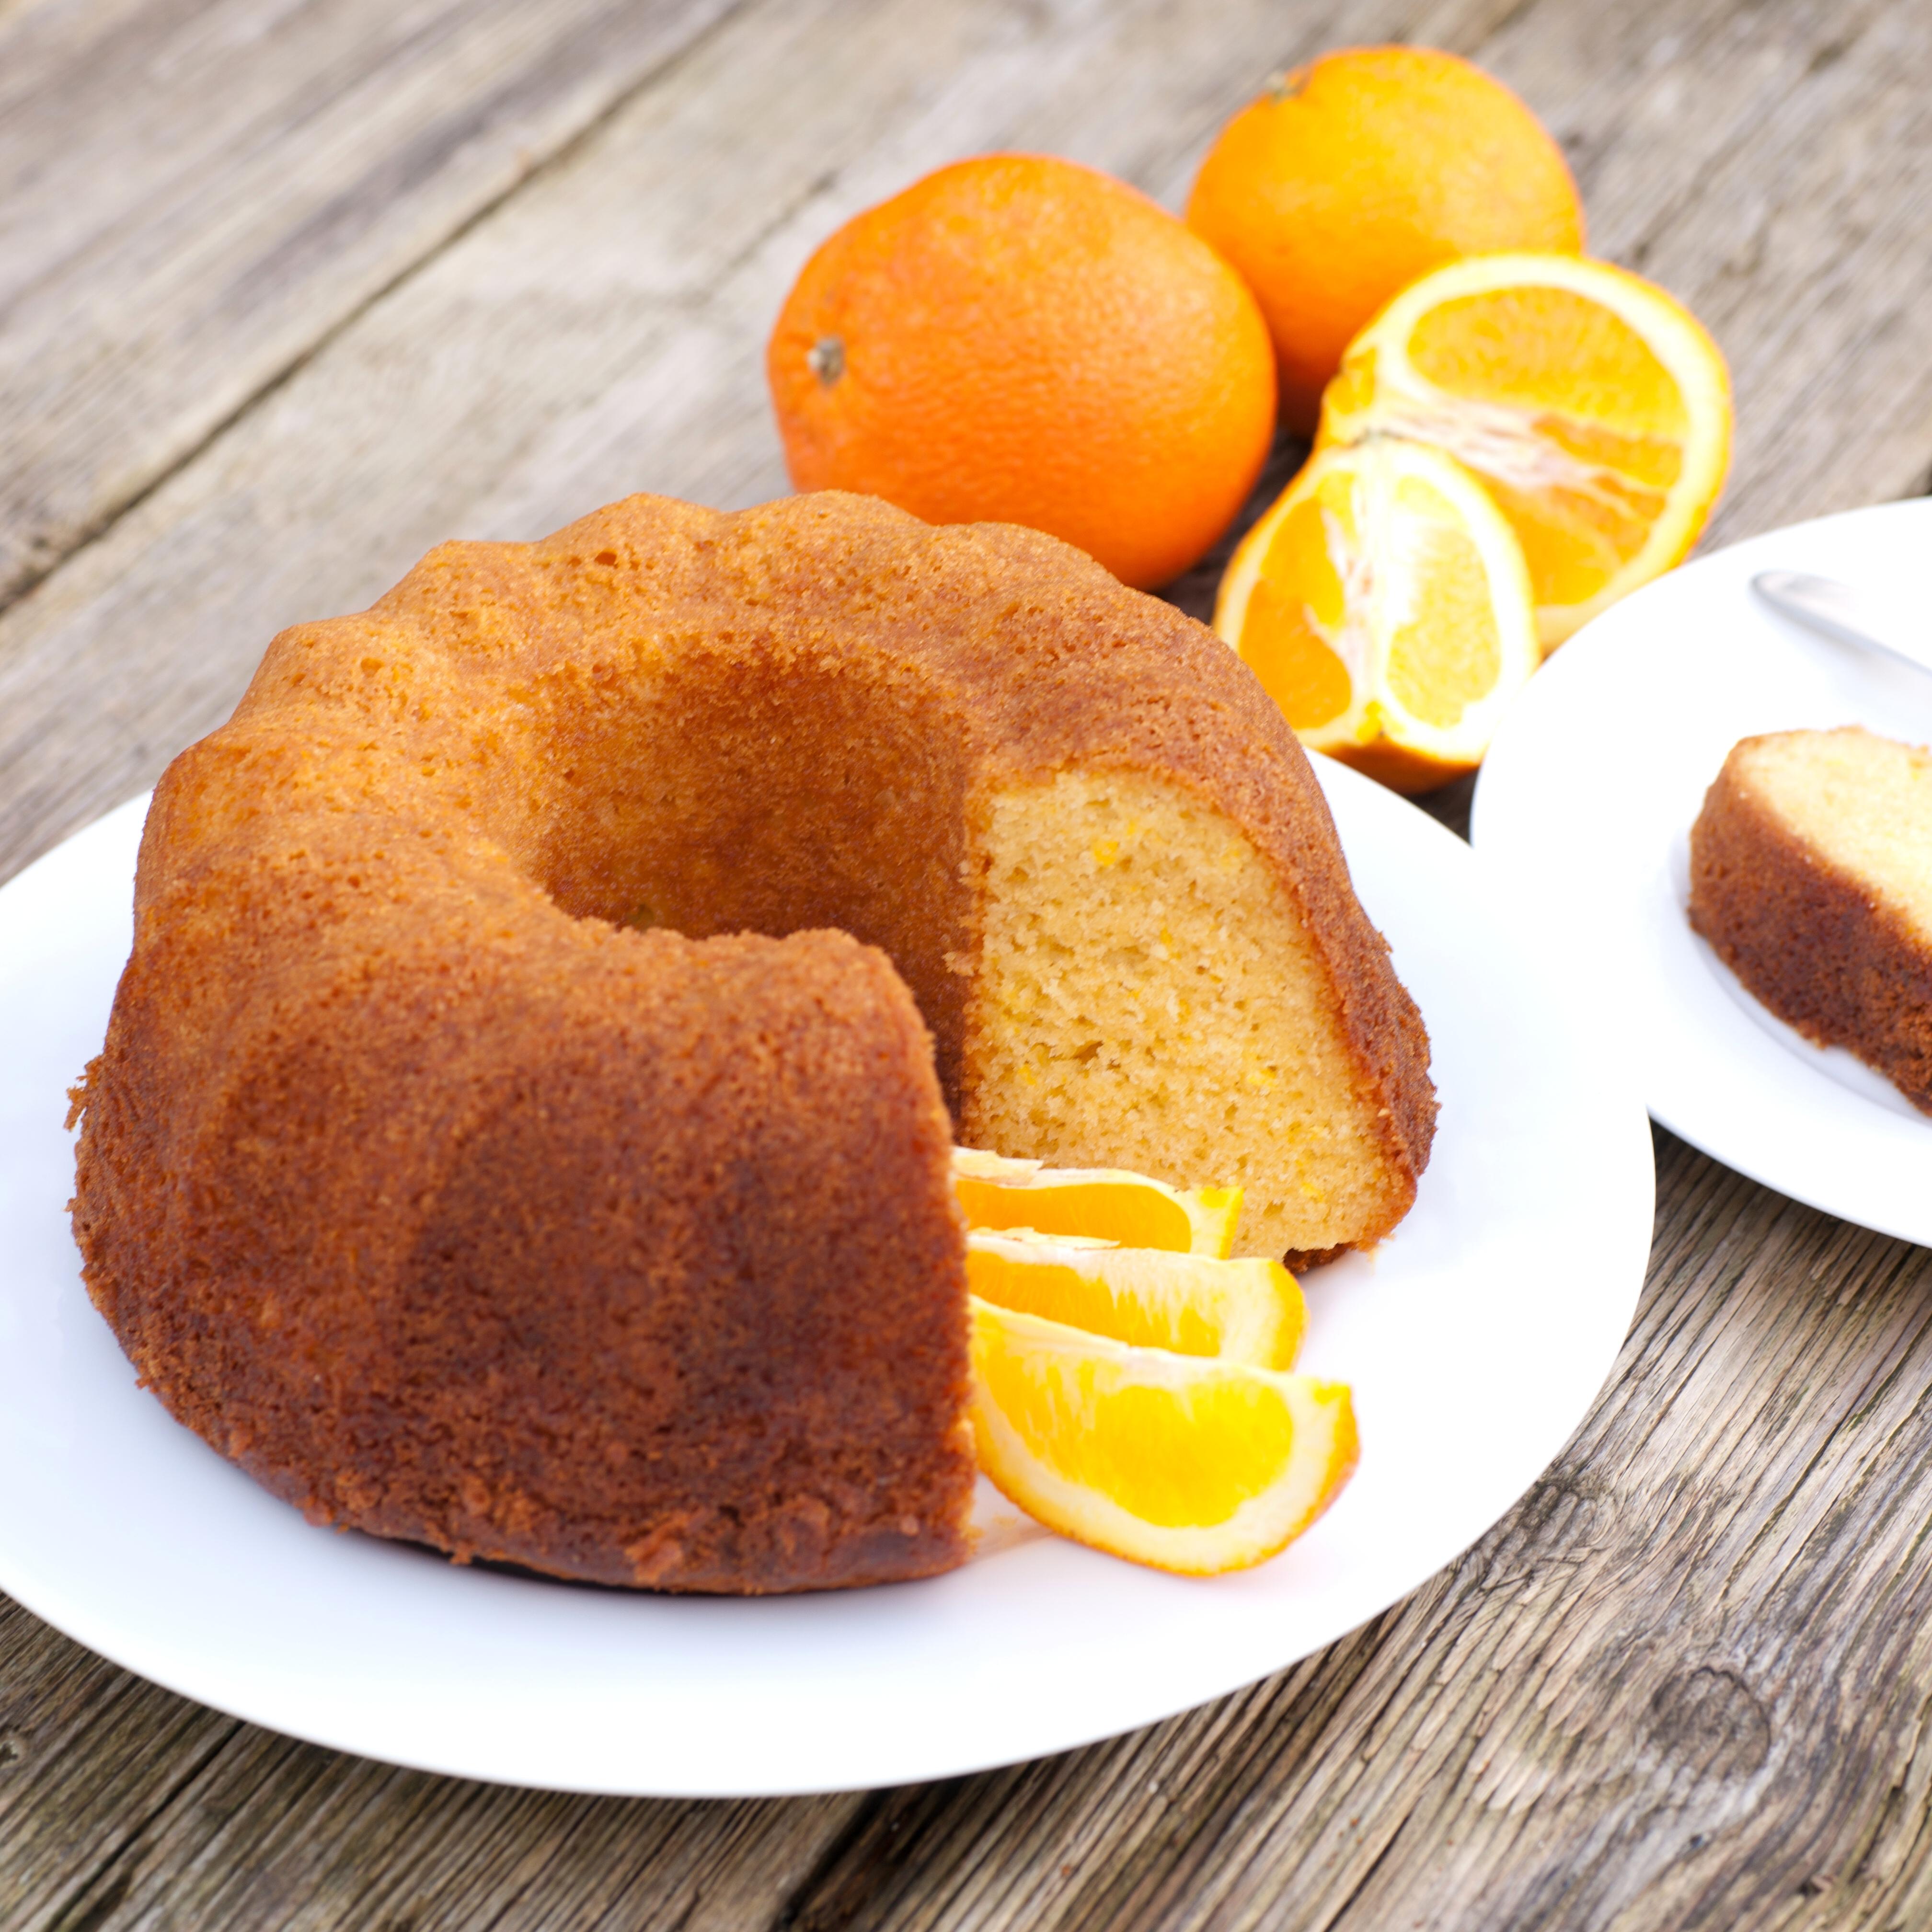 Portakallı Kek - Portakallı Kek Görselleri 4